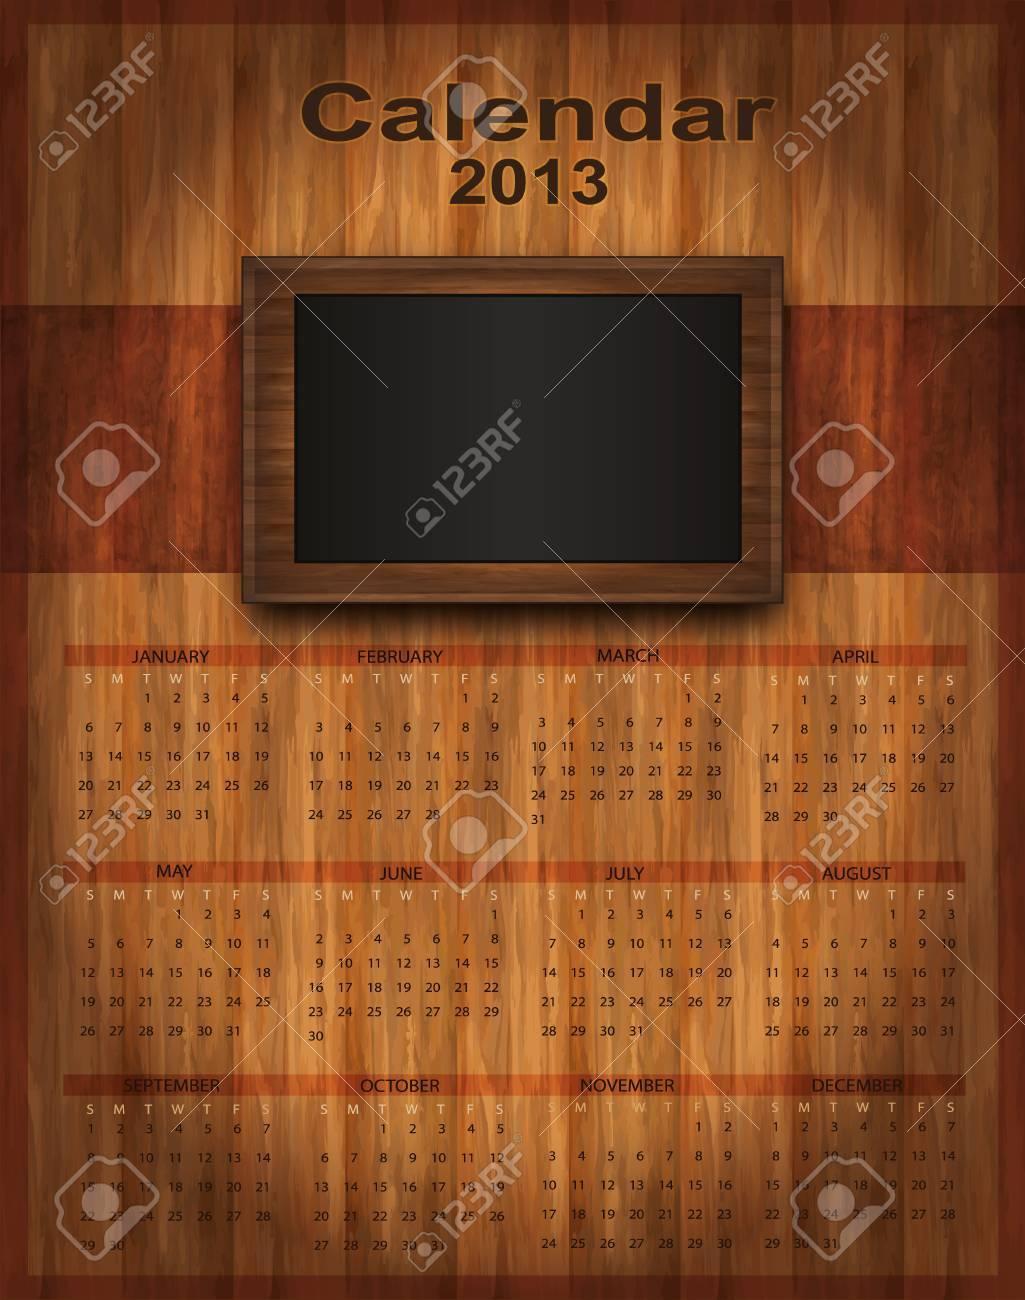 Calendar 2013 Wood Frame